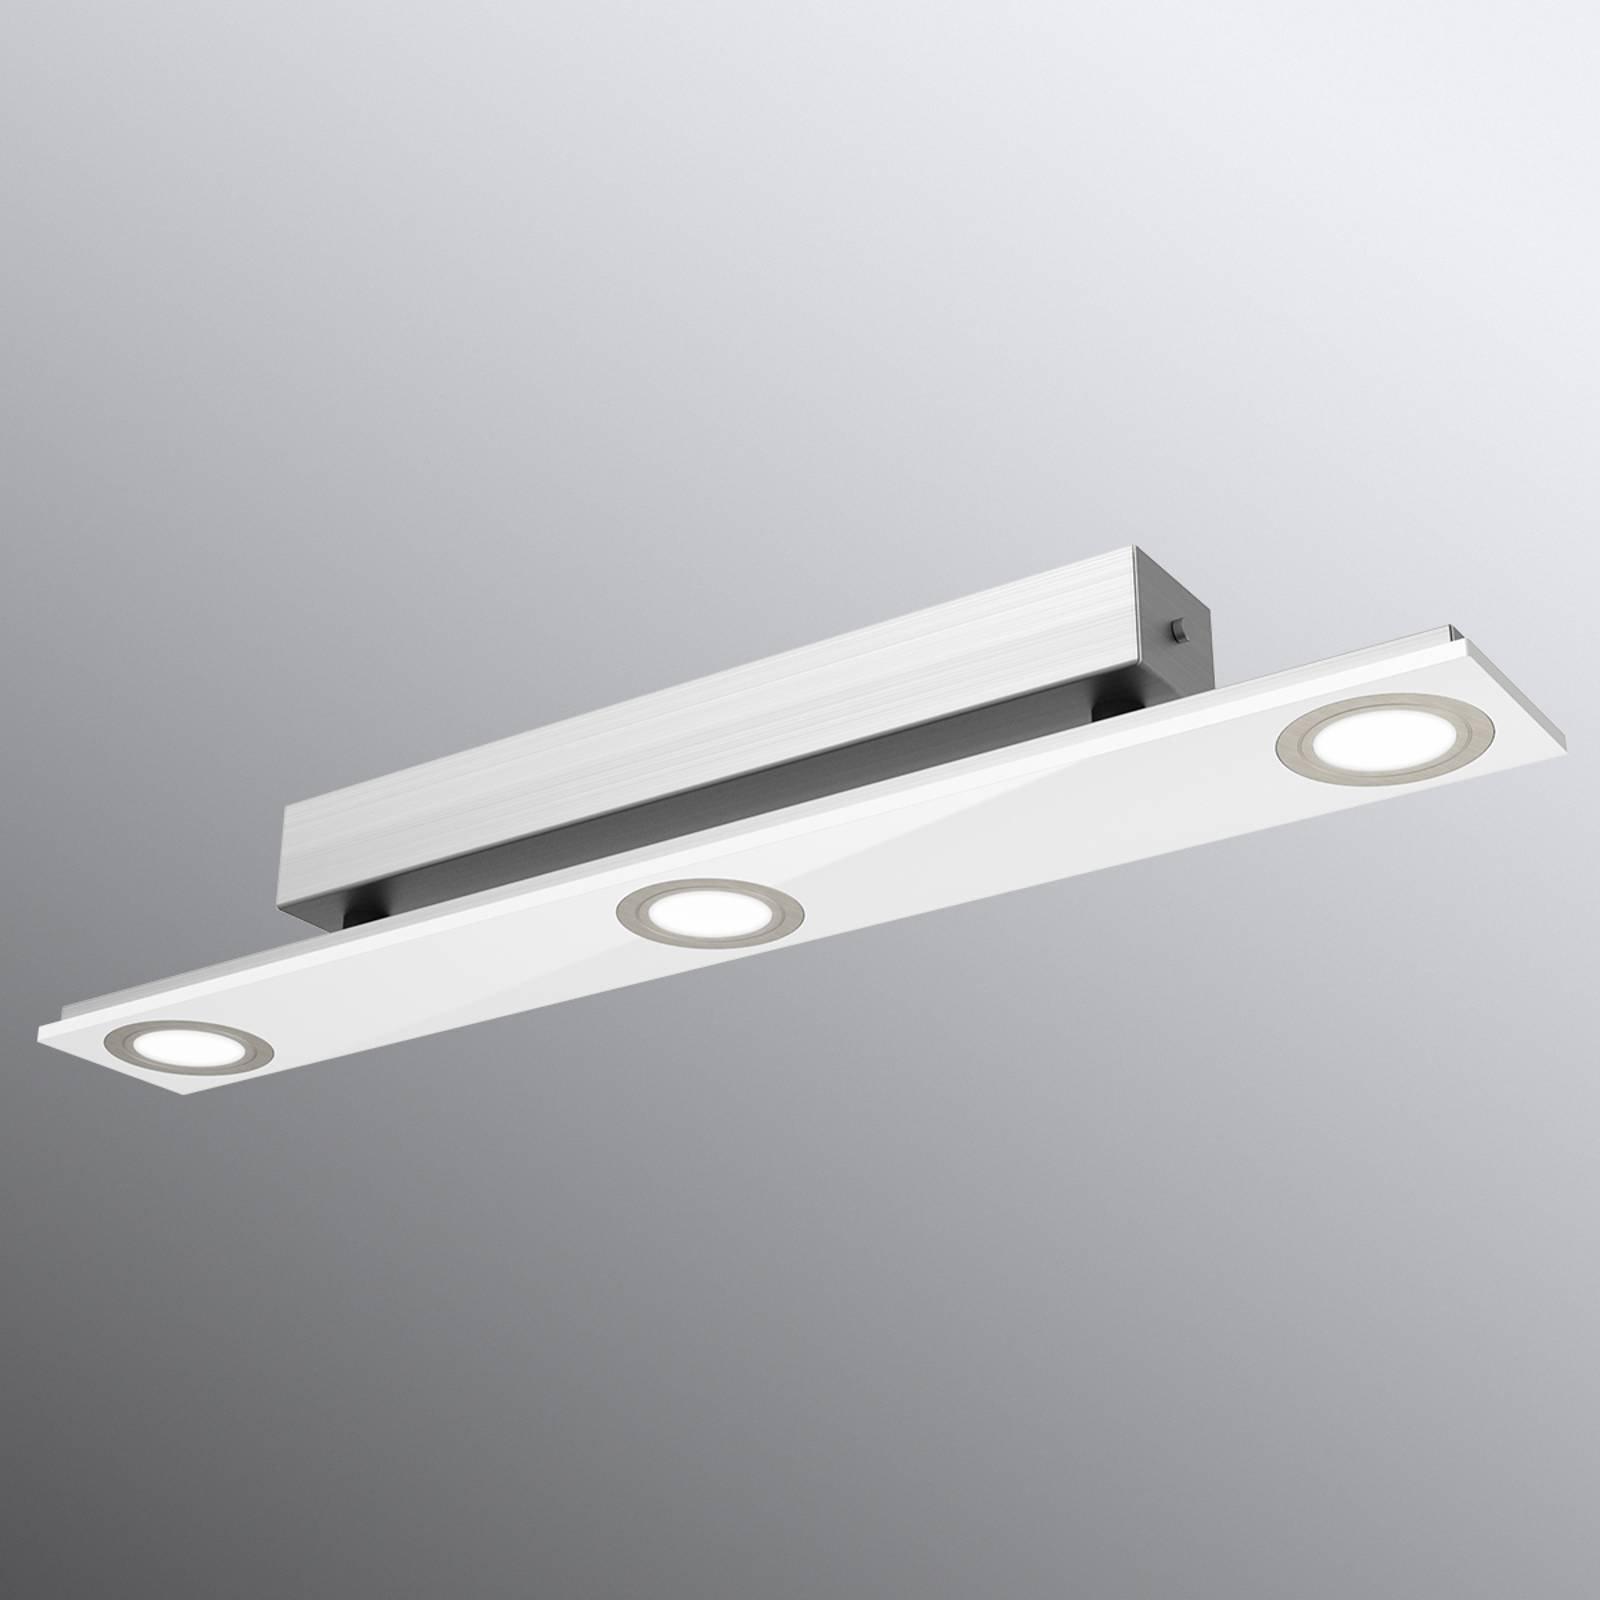 Pano - LED-taklampe i hvitt, med tre lys